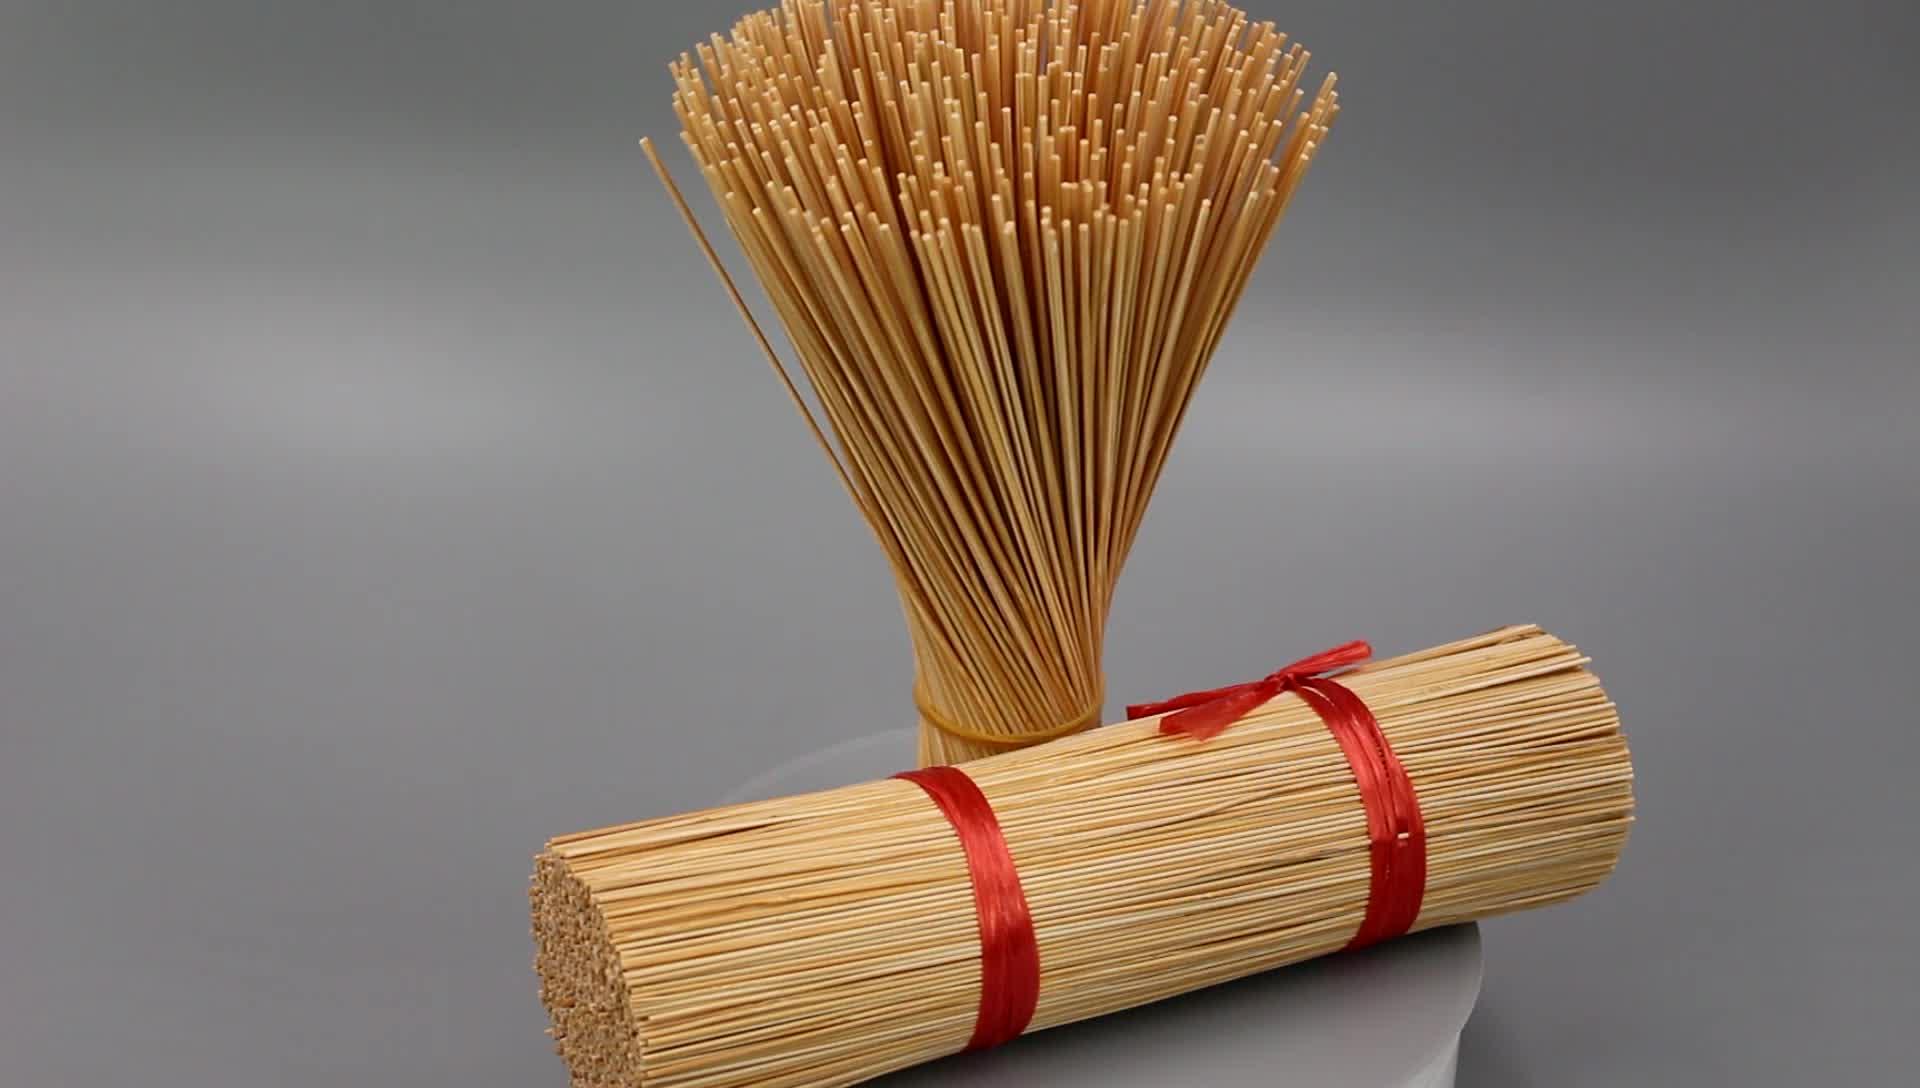 Indischer roher Bambus-Räucherstäbchen mit 1,3 mm Durchmesser